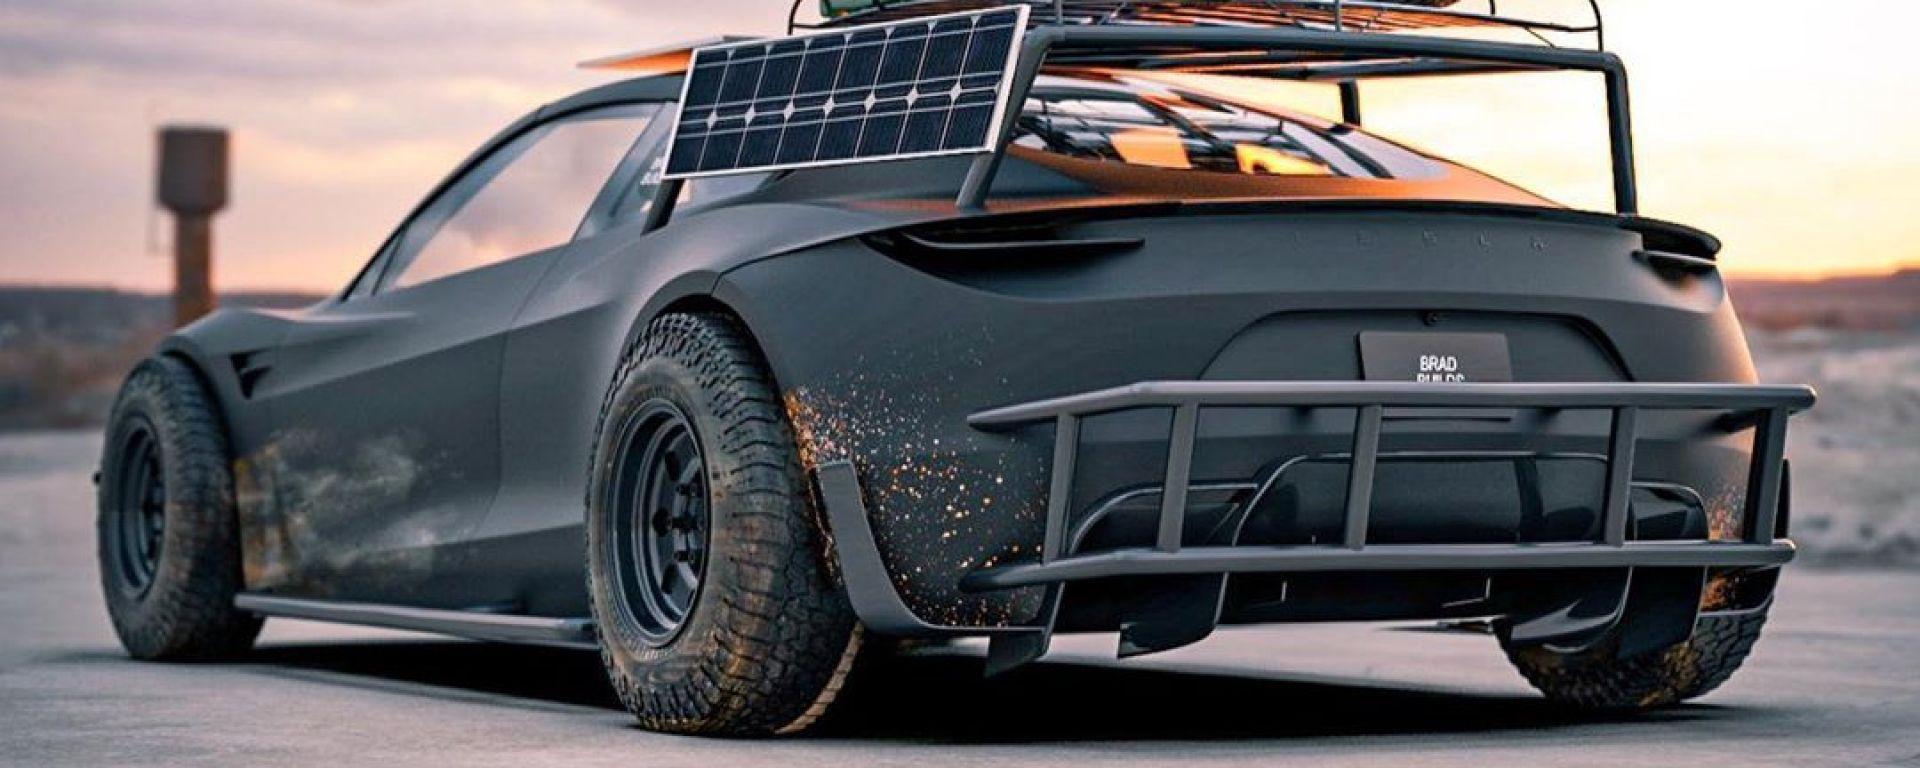 Tesla Roadster Off-Roader